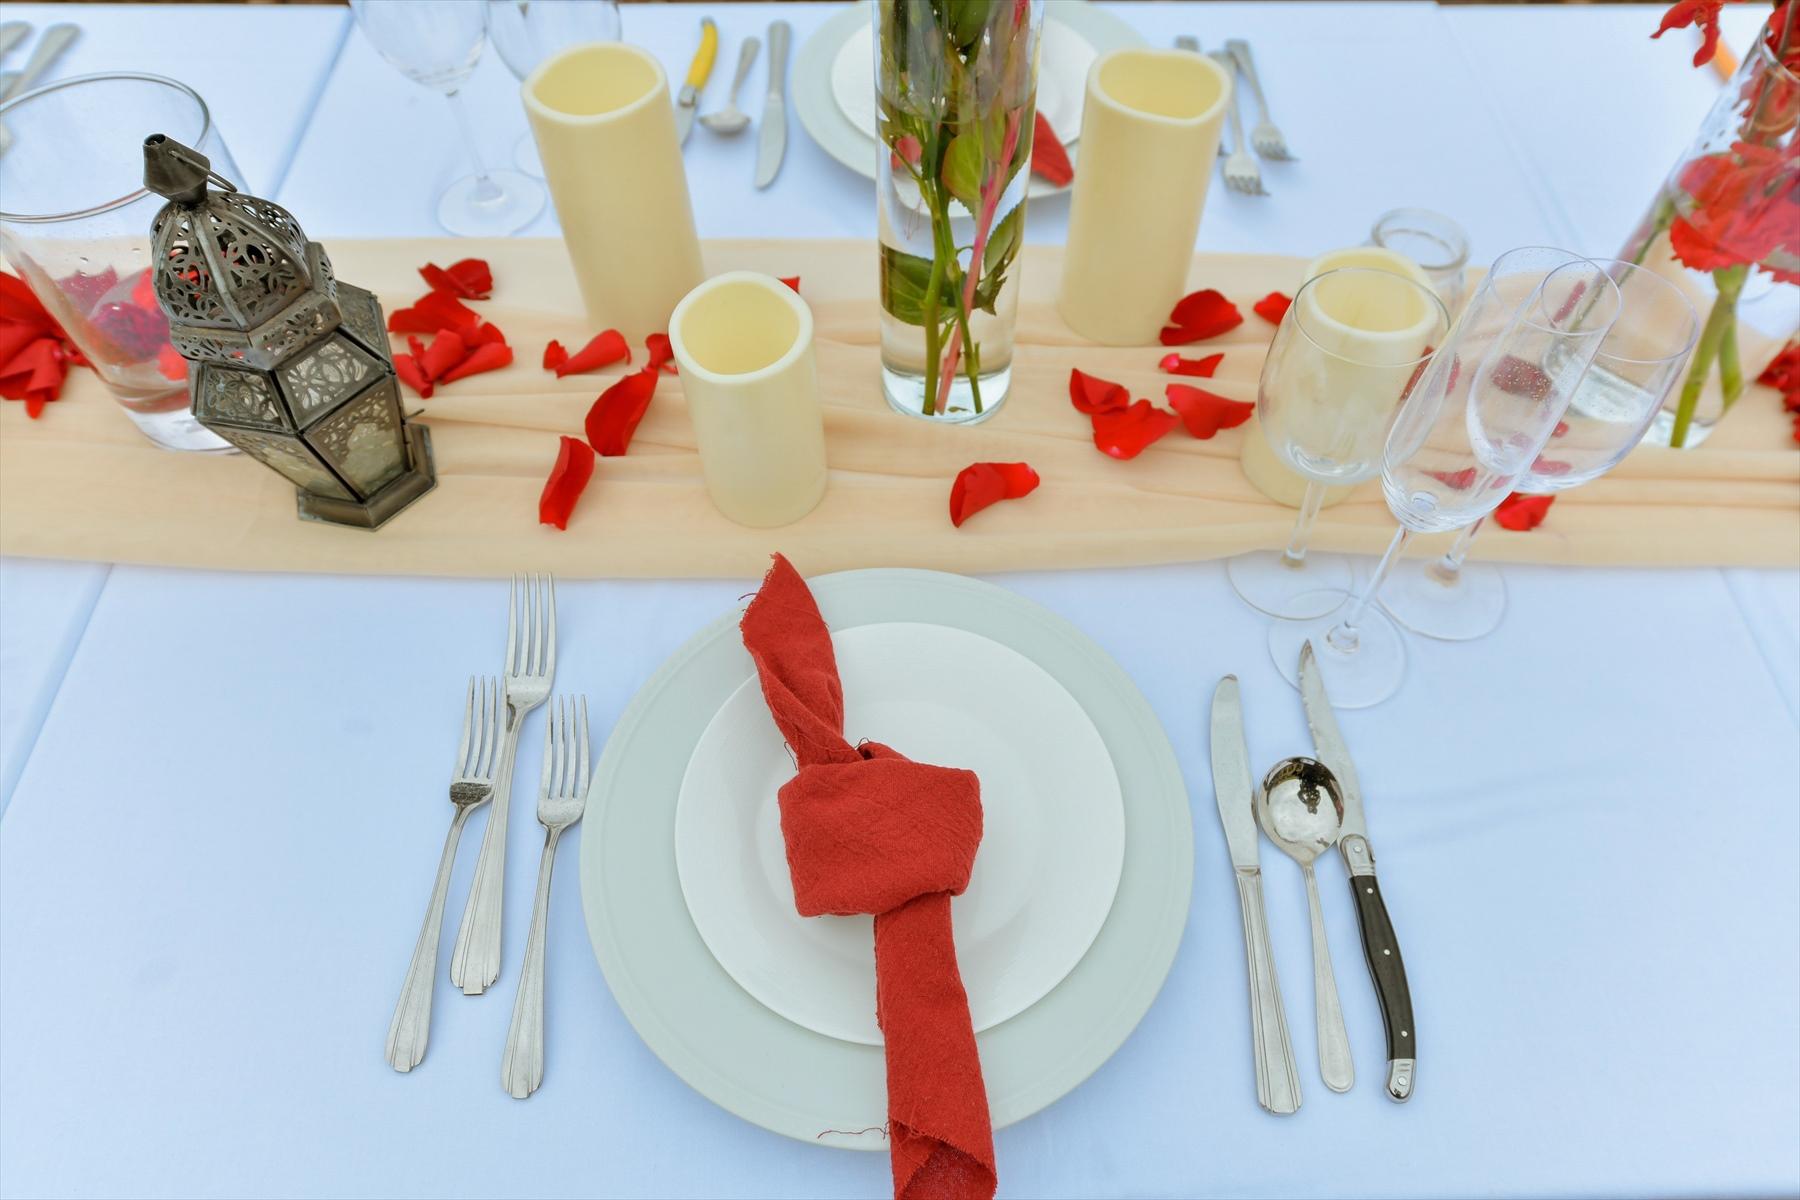 静岡県ウェディングパーティー テーブル装飾 会場装飾アイデア